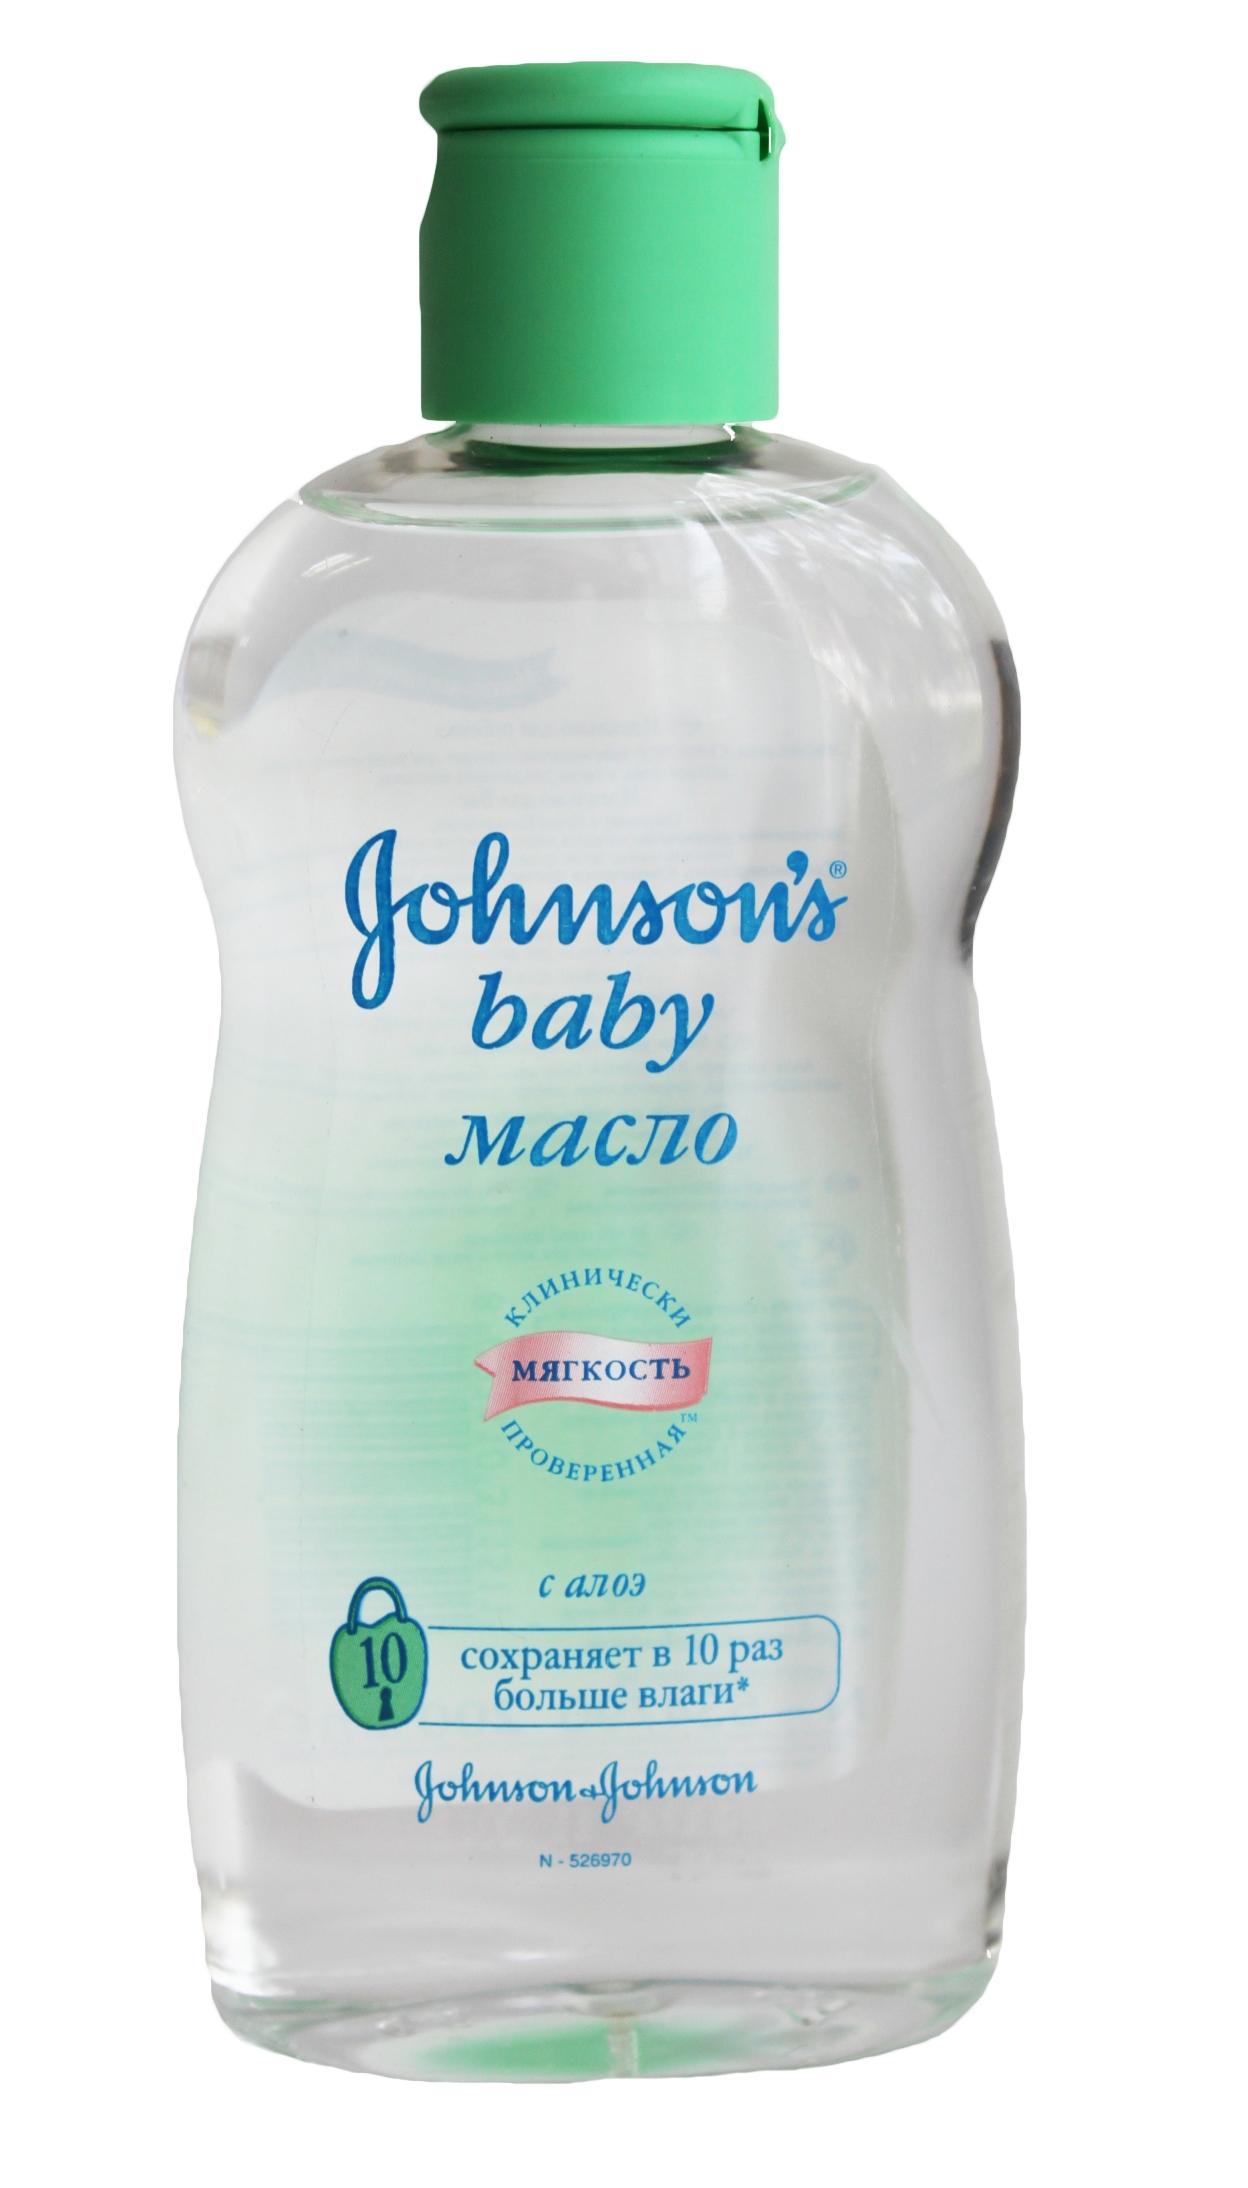 Масло и молочко Johnson's baby Ежедневный уход с алоэ 200 мл papa care детское масло для массажа очищения увлажнения кожи с помпой 150 мл